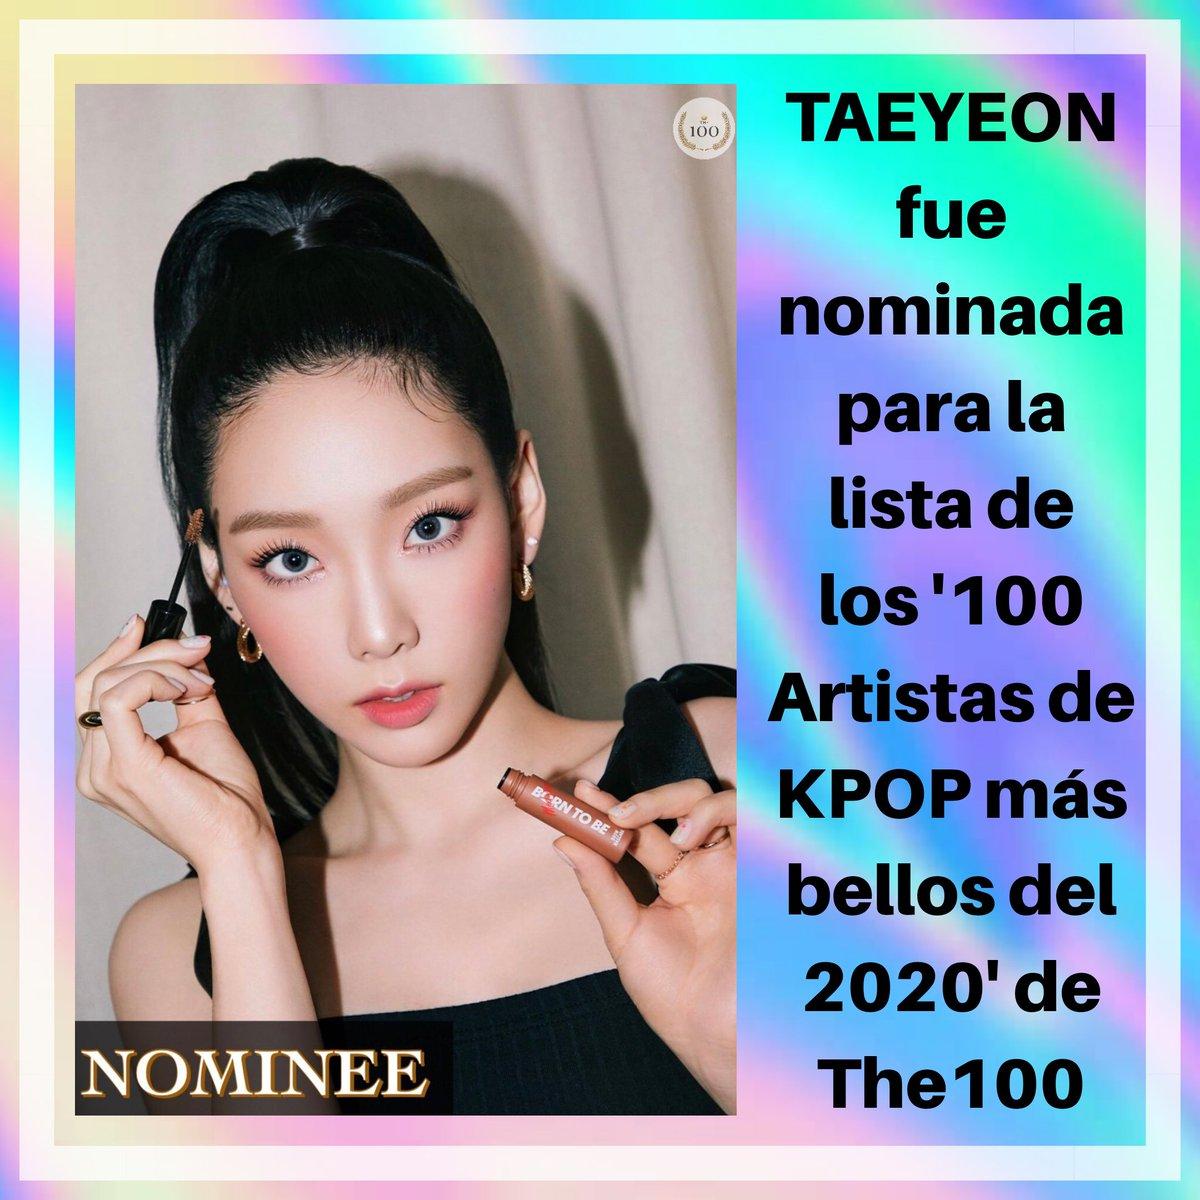 [INFO IMAGEN]    #TAEYEON #태연 #TAE #YEON #THE100 #KPOP #BEAUTY